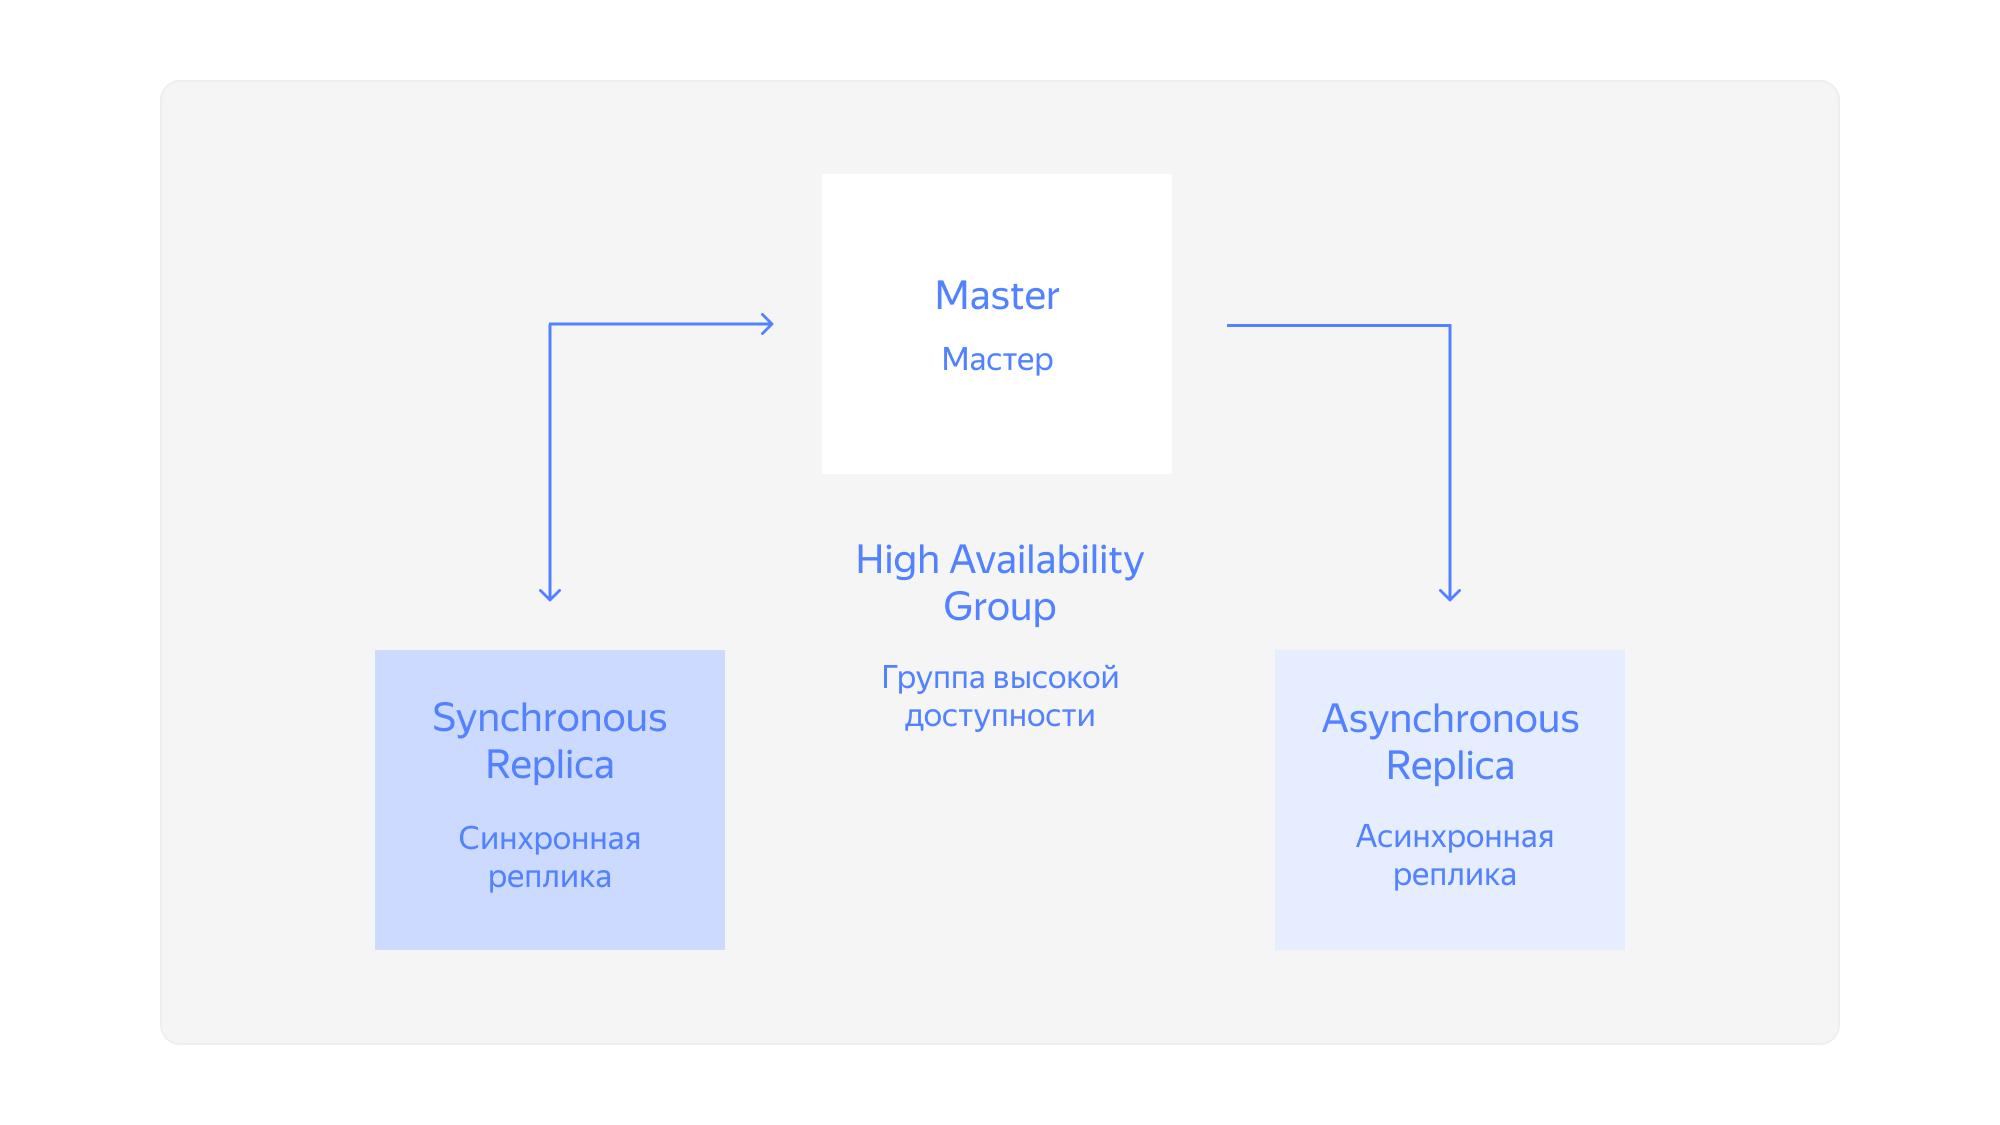 Схема с синхронной и асинхронной репликами